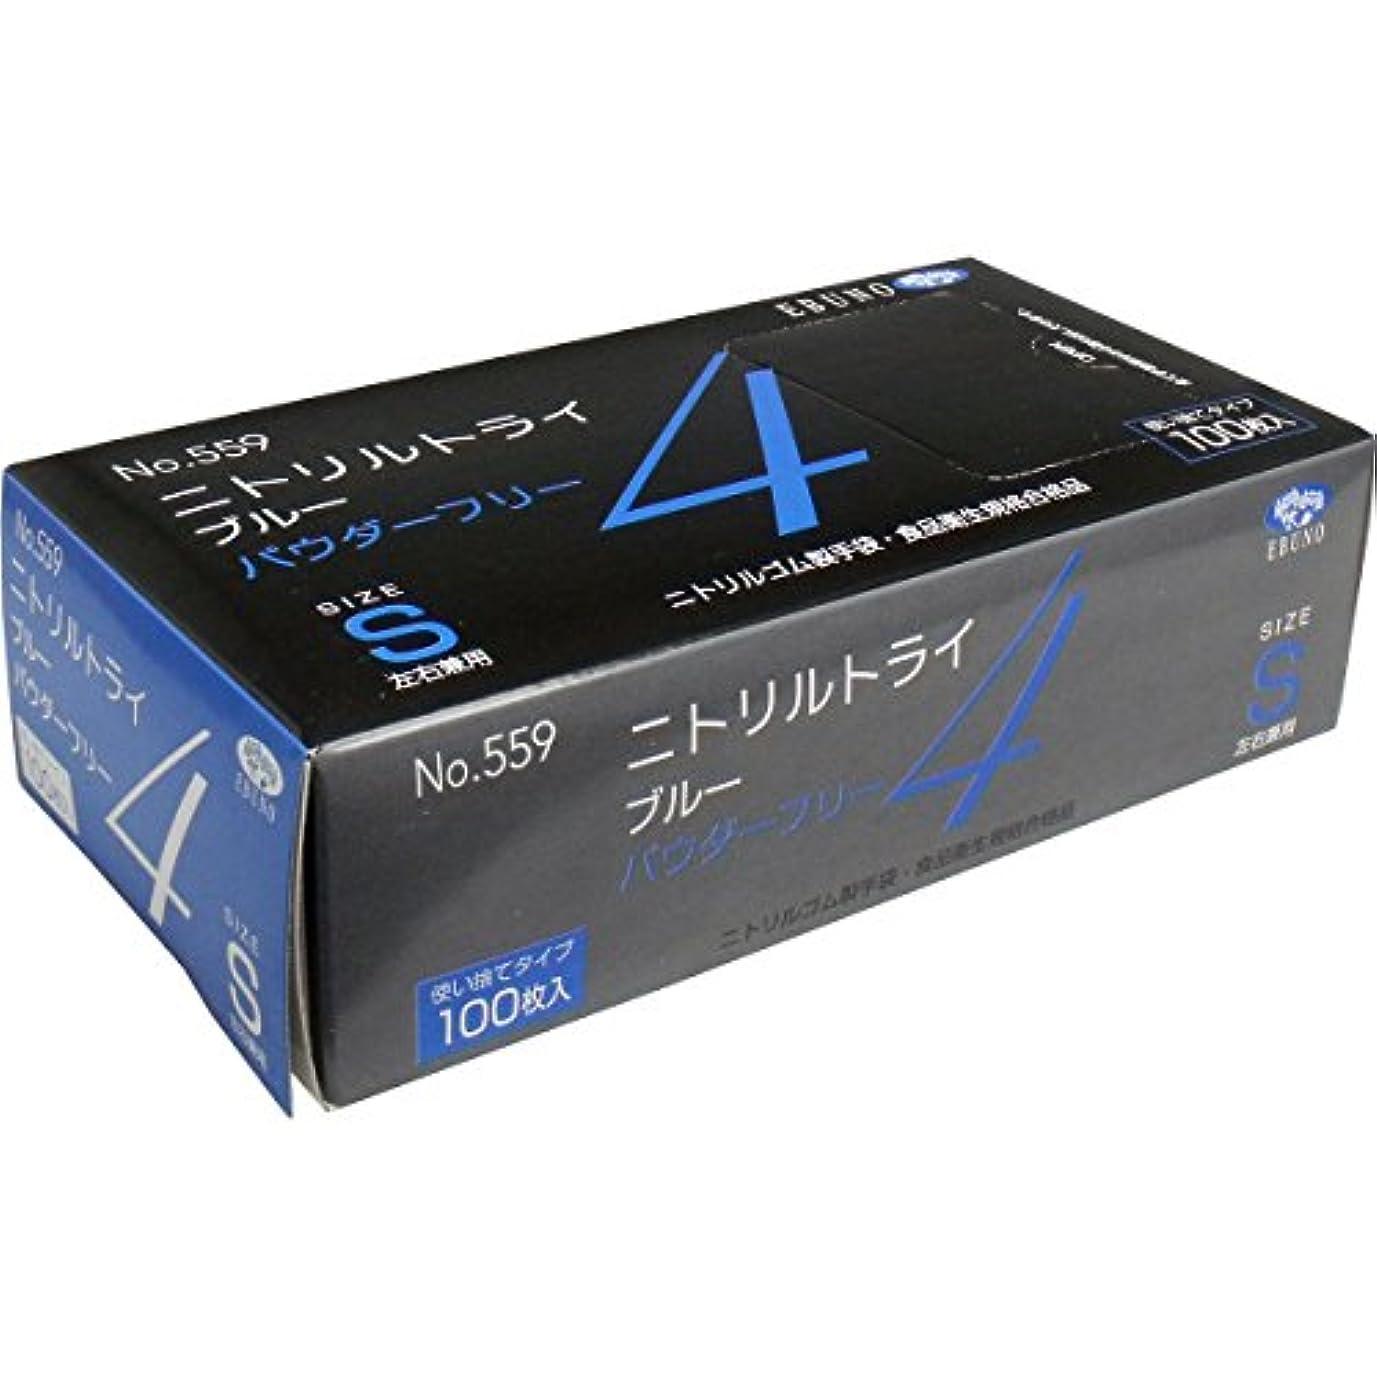 認識こんにちは承認ニトリルトライ4 №559 ブルー 粉無 Sサイズ 100枚入